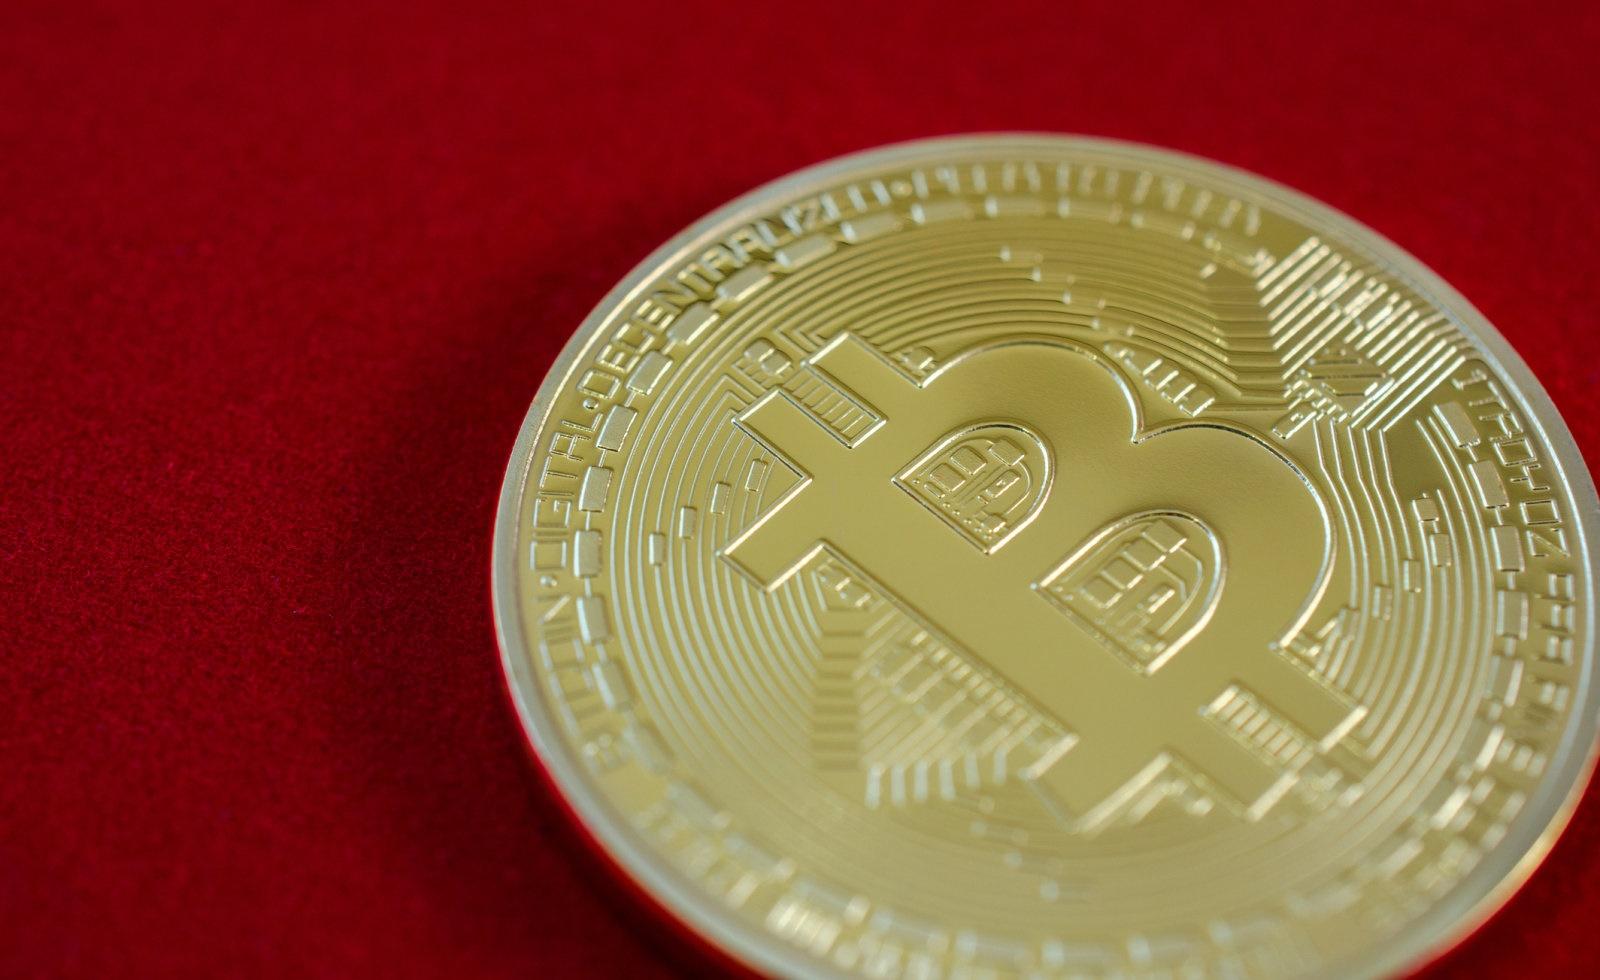 آینده صنعت مالی و اعتباری در دستان پول دیجیتالی بیتکوین